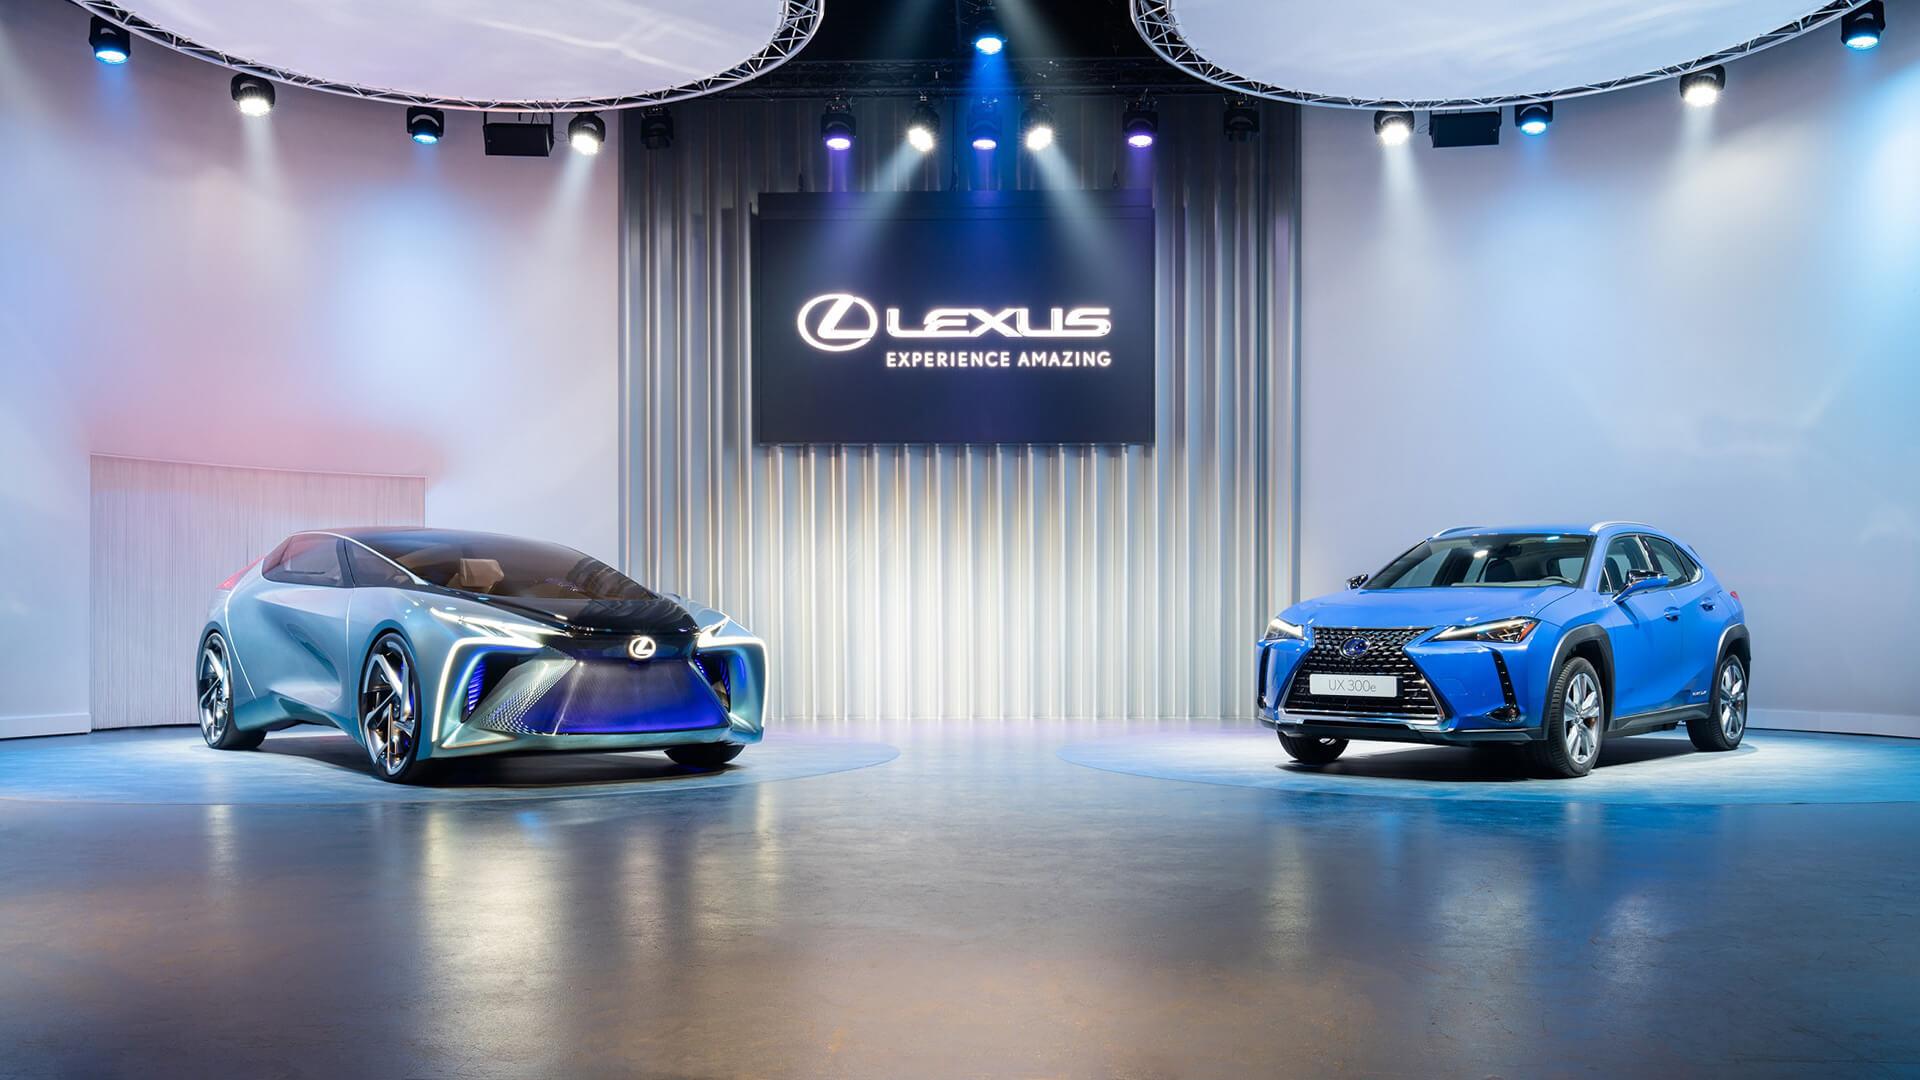 lexus bugunun ve gelecegin elektrikli vizyonunu kenshiki forumda sergiledi gallery02